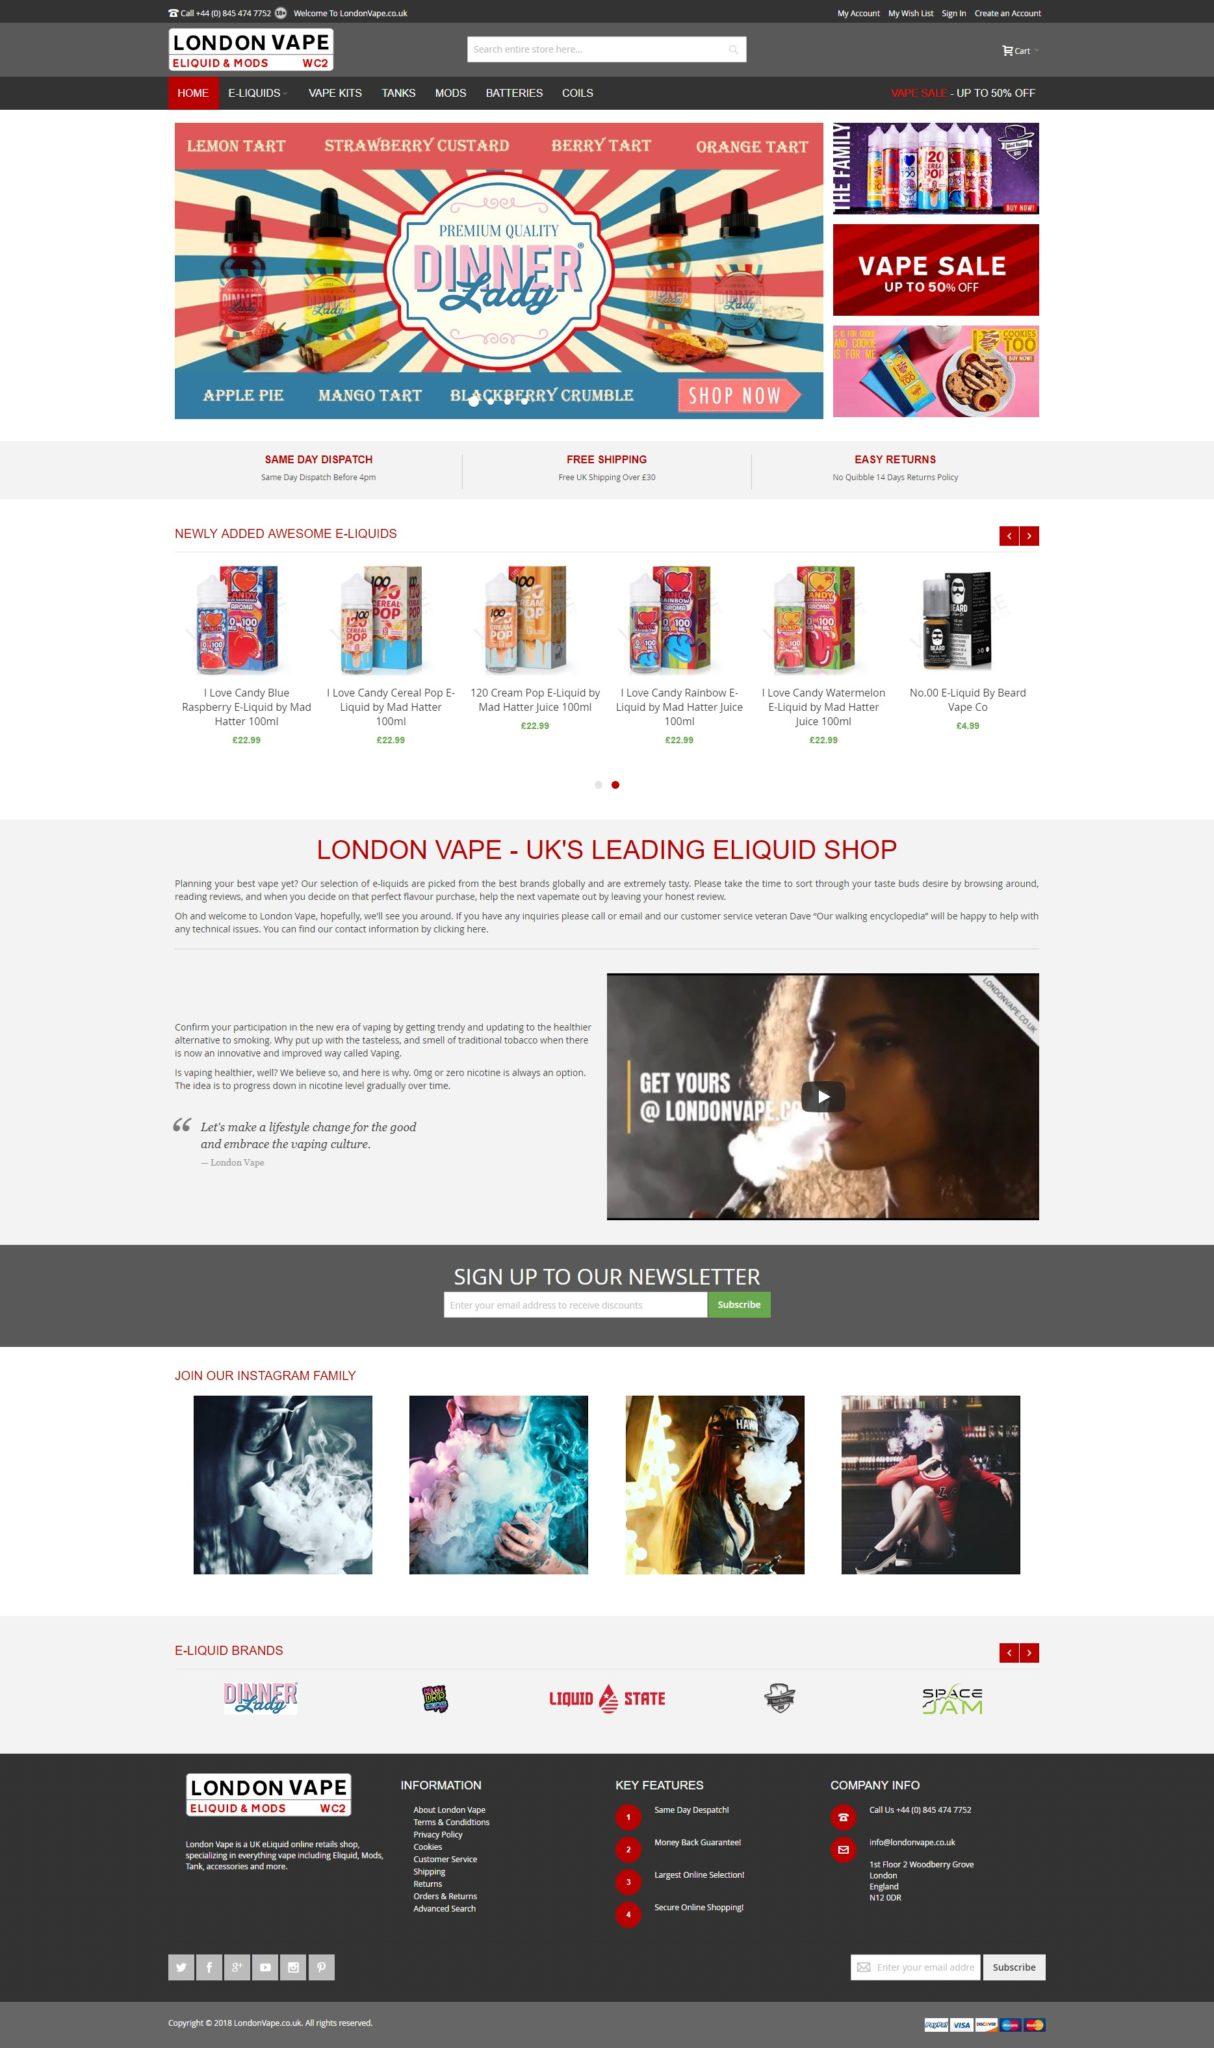 London Vape - Online Eliquid Shop